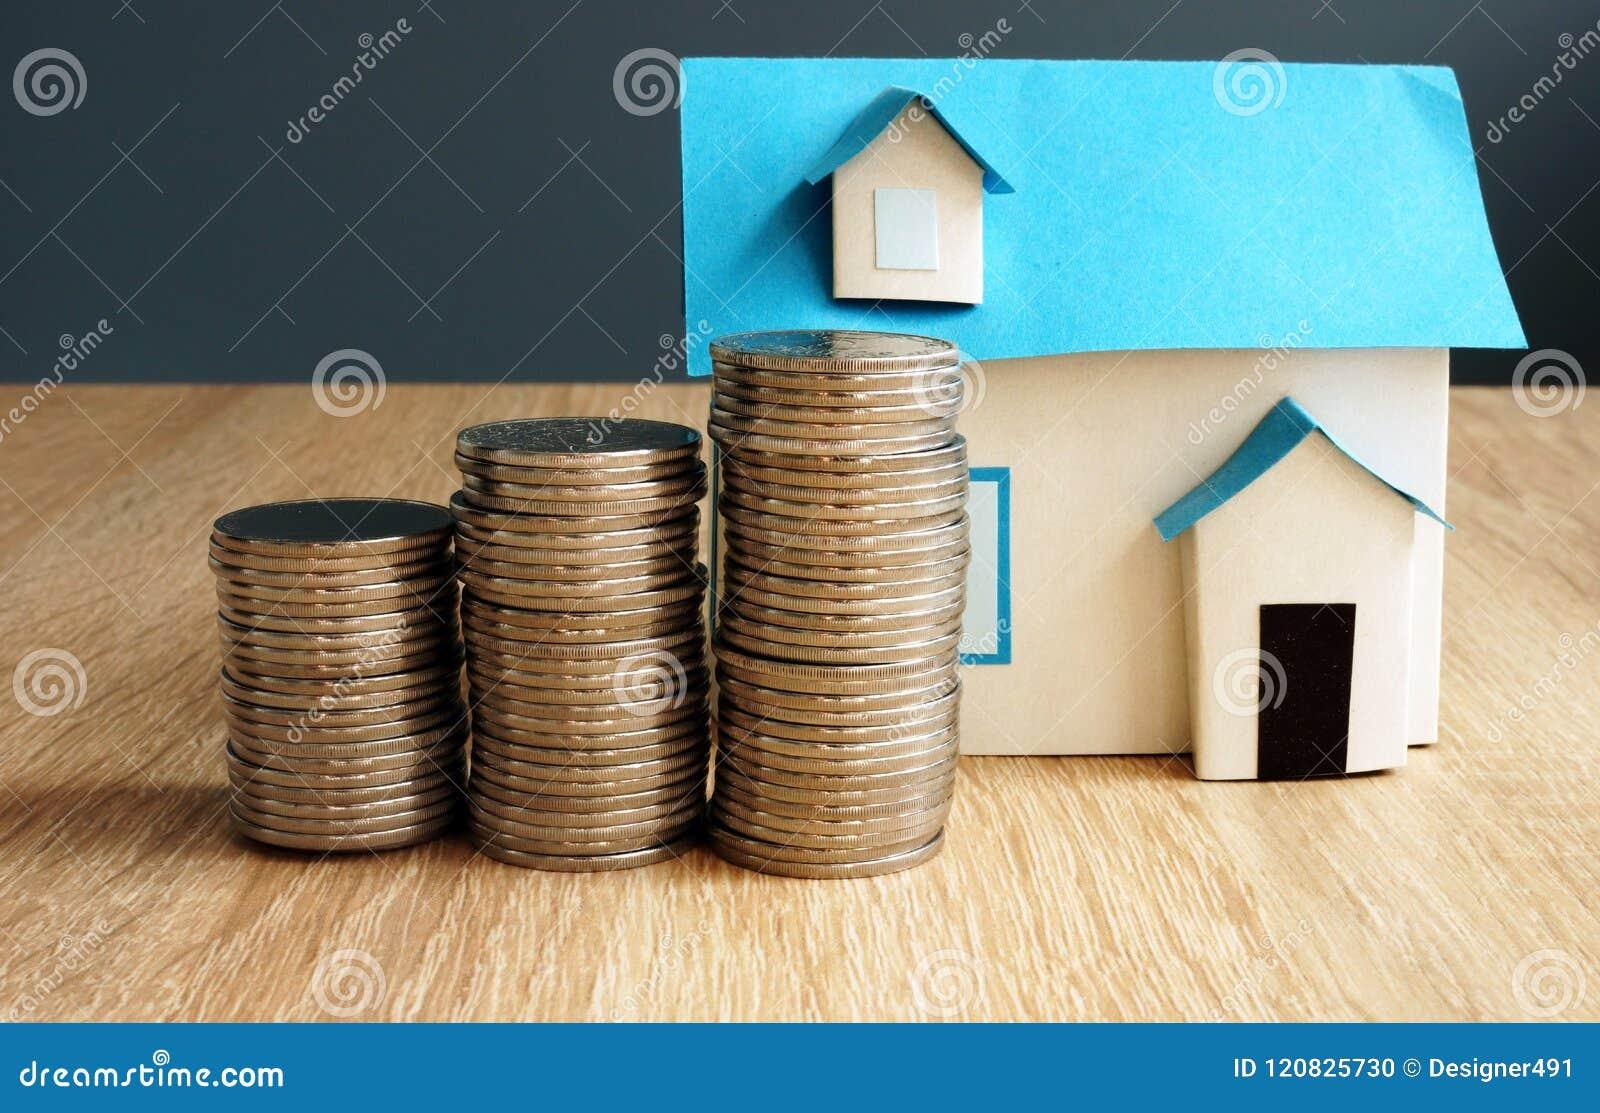 Vermögenswert Modell des Hauses und der Münzen